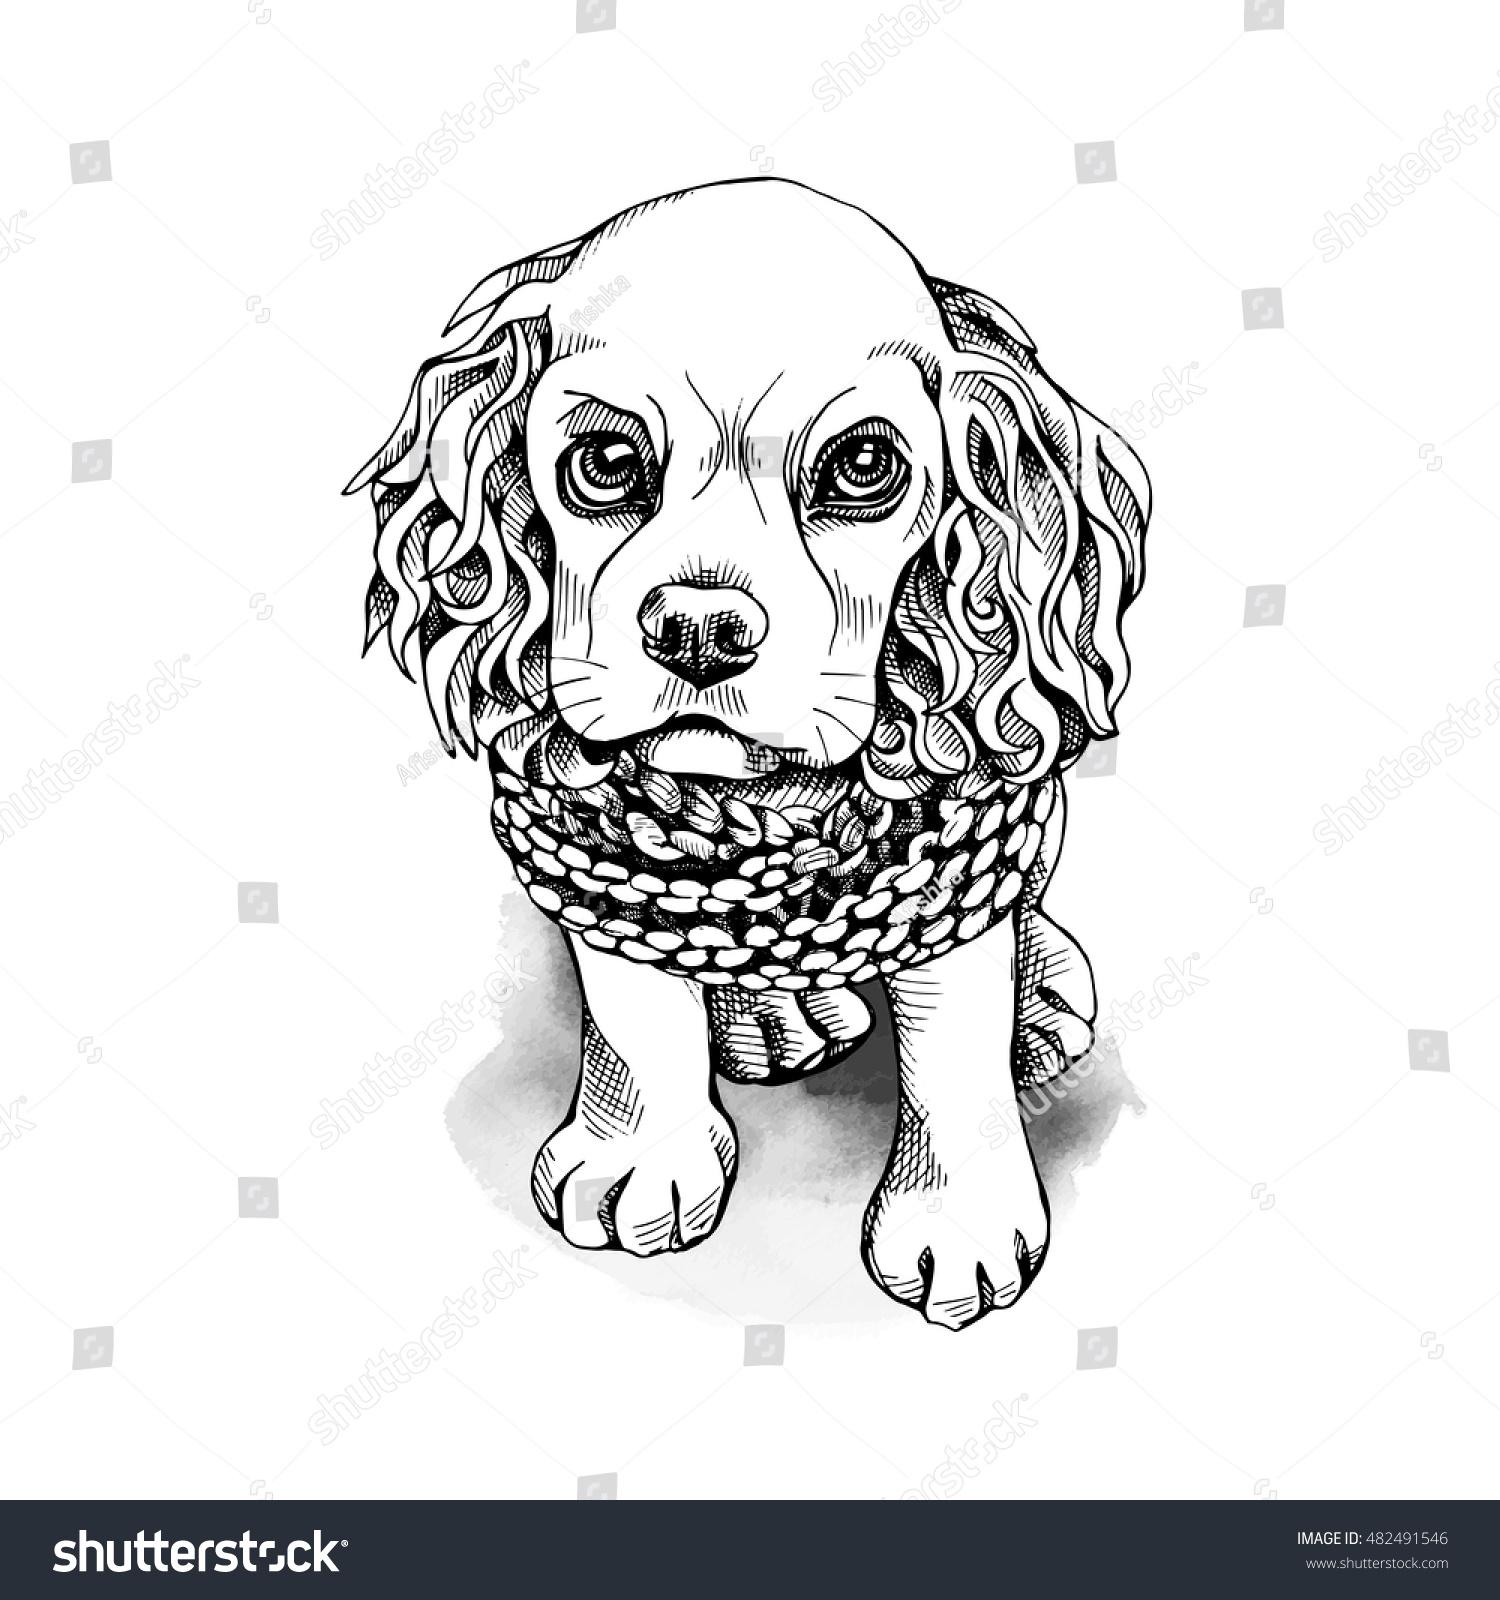 Vector De Stock Libre De Regalias Sobre El Cachorro Cocker Spaniel Con Bufanda482491546